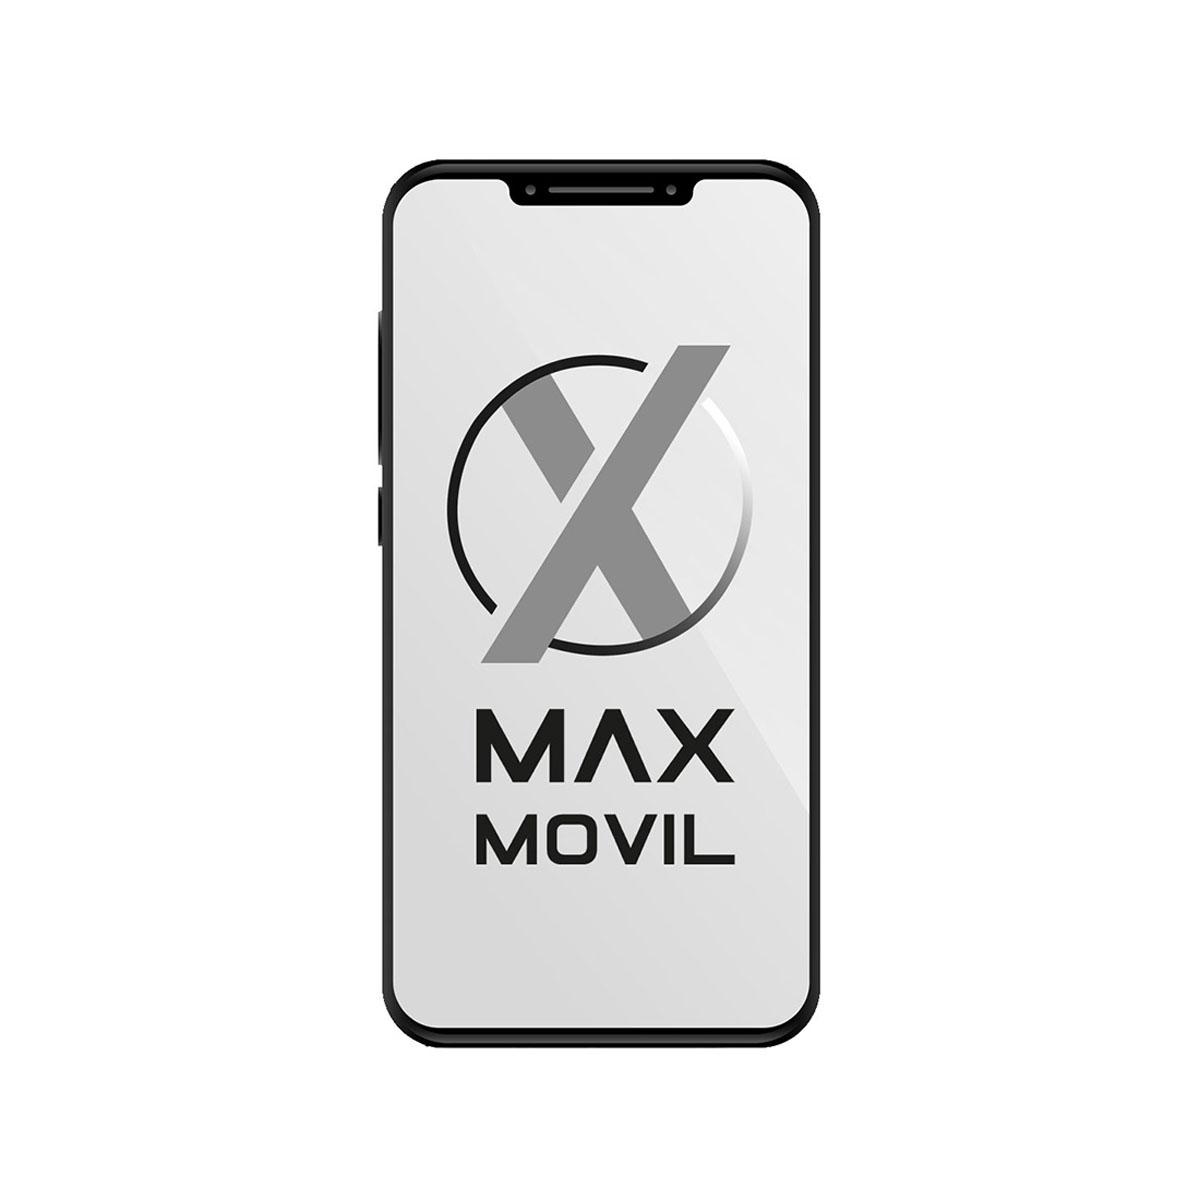 d561c637215 Protector de cristal templado para iPhone 6/6s negro · MaxMovil ⓴⓳